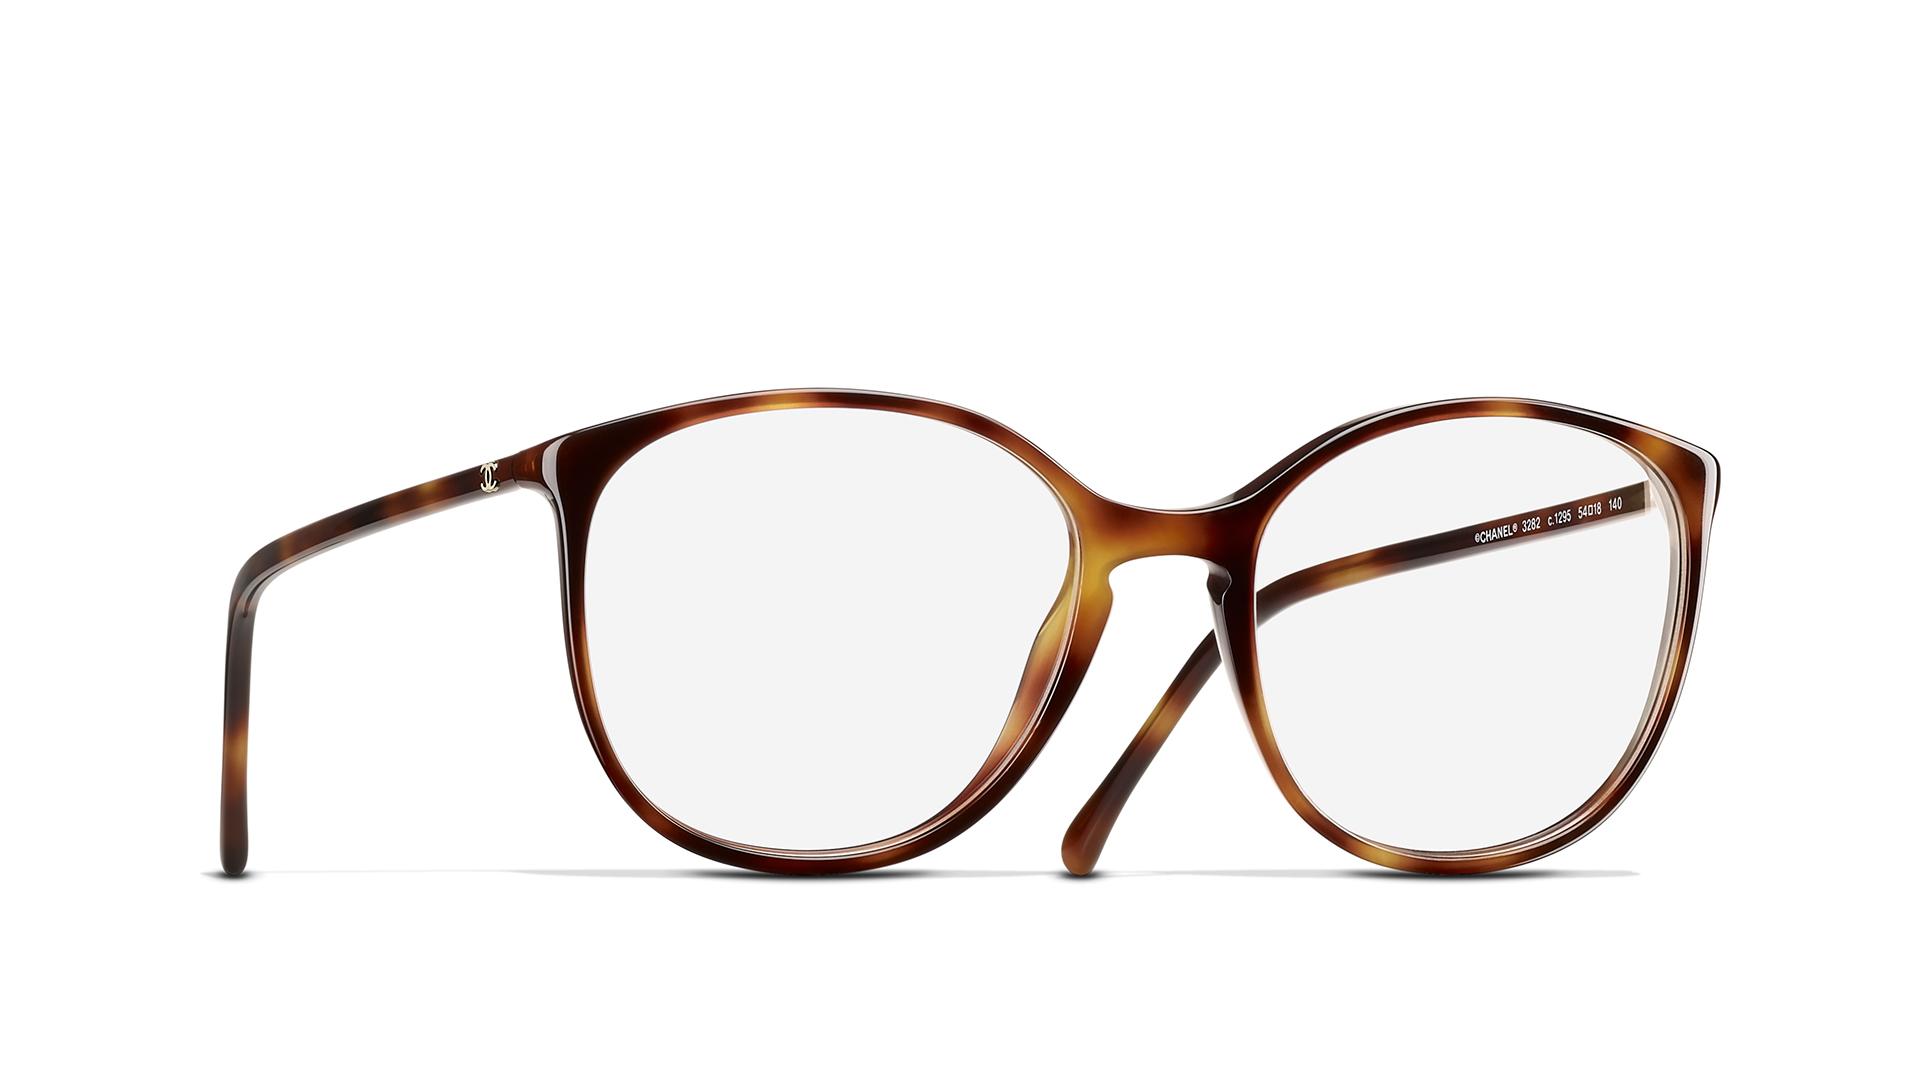 chanel ch 3282 1295 brille online kaufen bei optoline. Black Bedroom Furniture Sets. Home Design Ideas